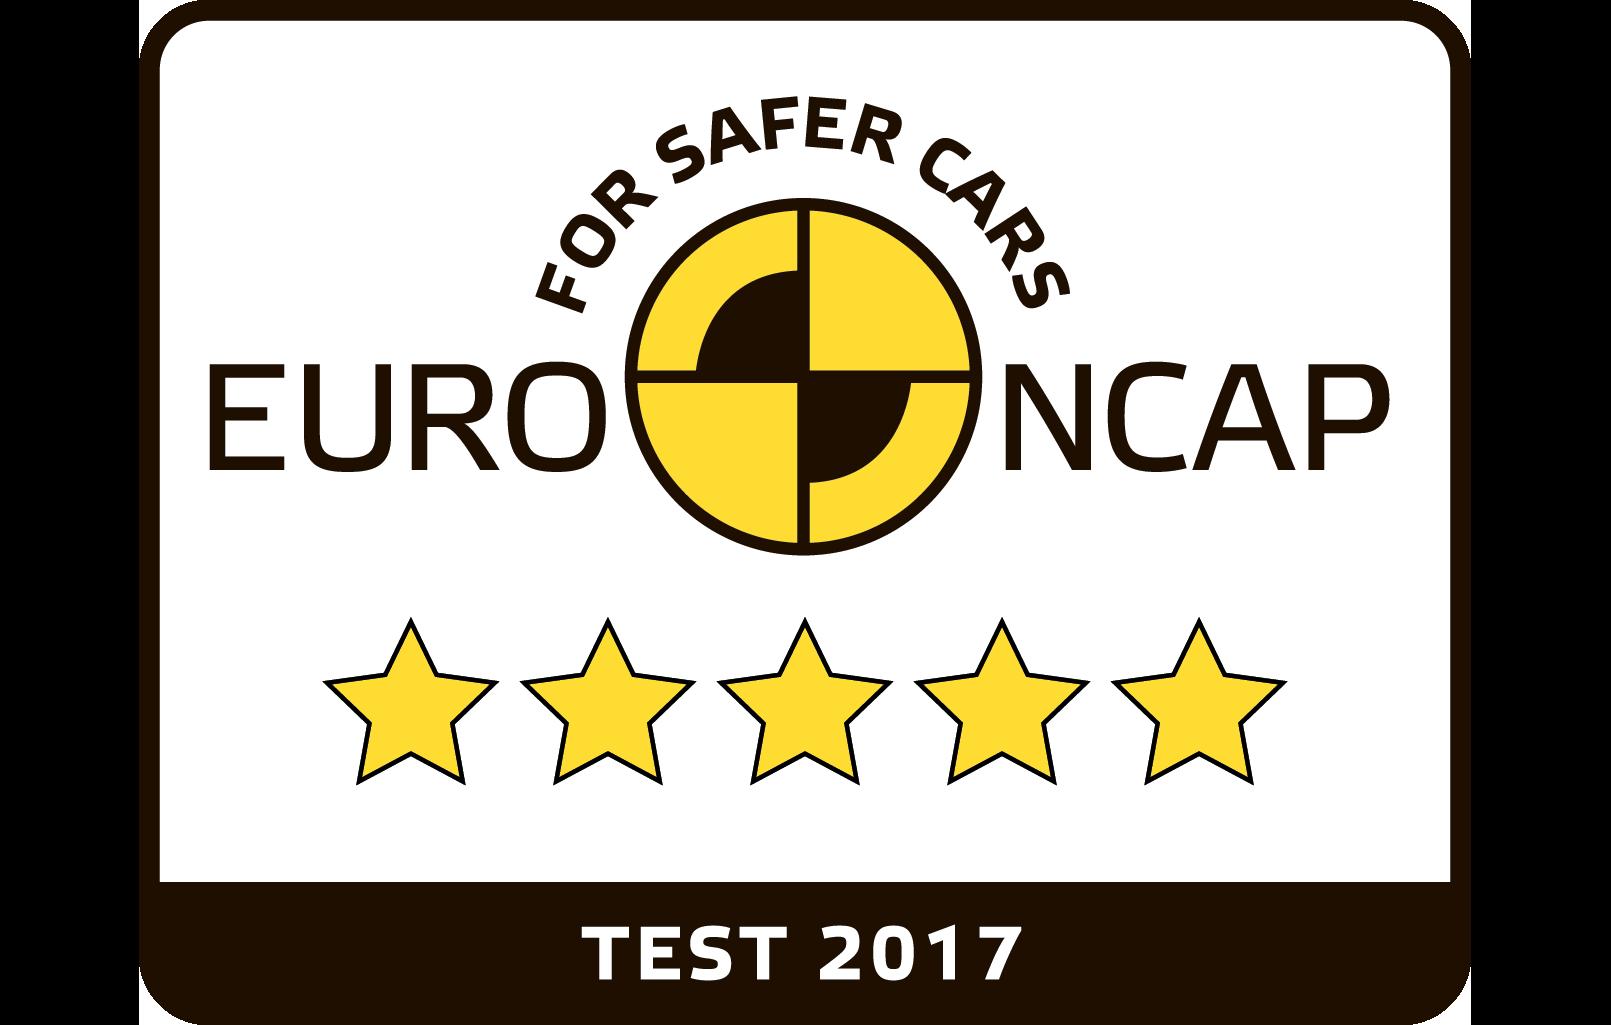 Новый Subaru XV получил высший рейтинг в краш-тестах Euro NCAP 2017